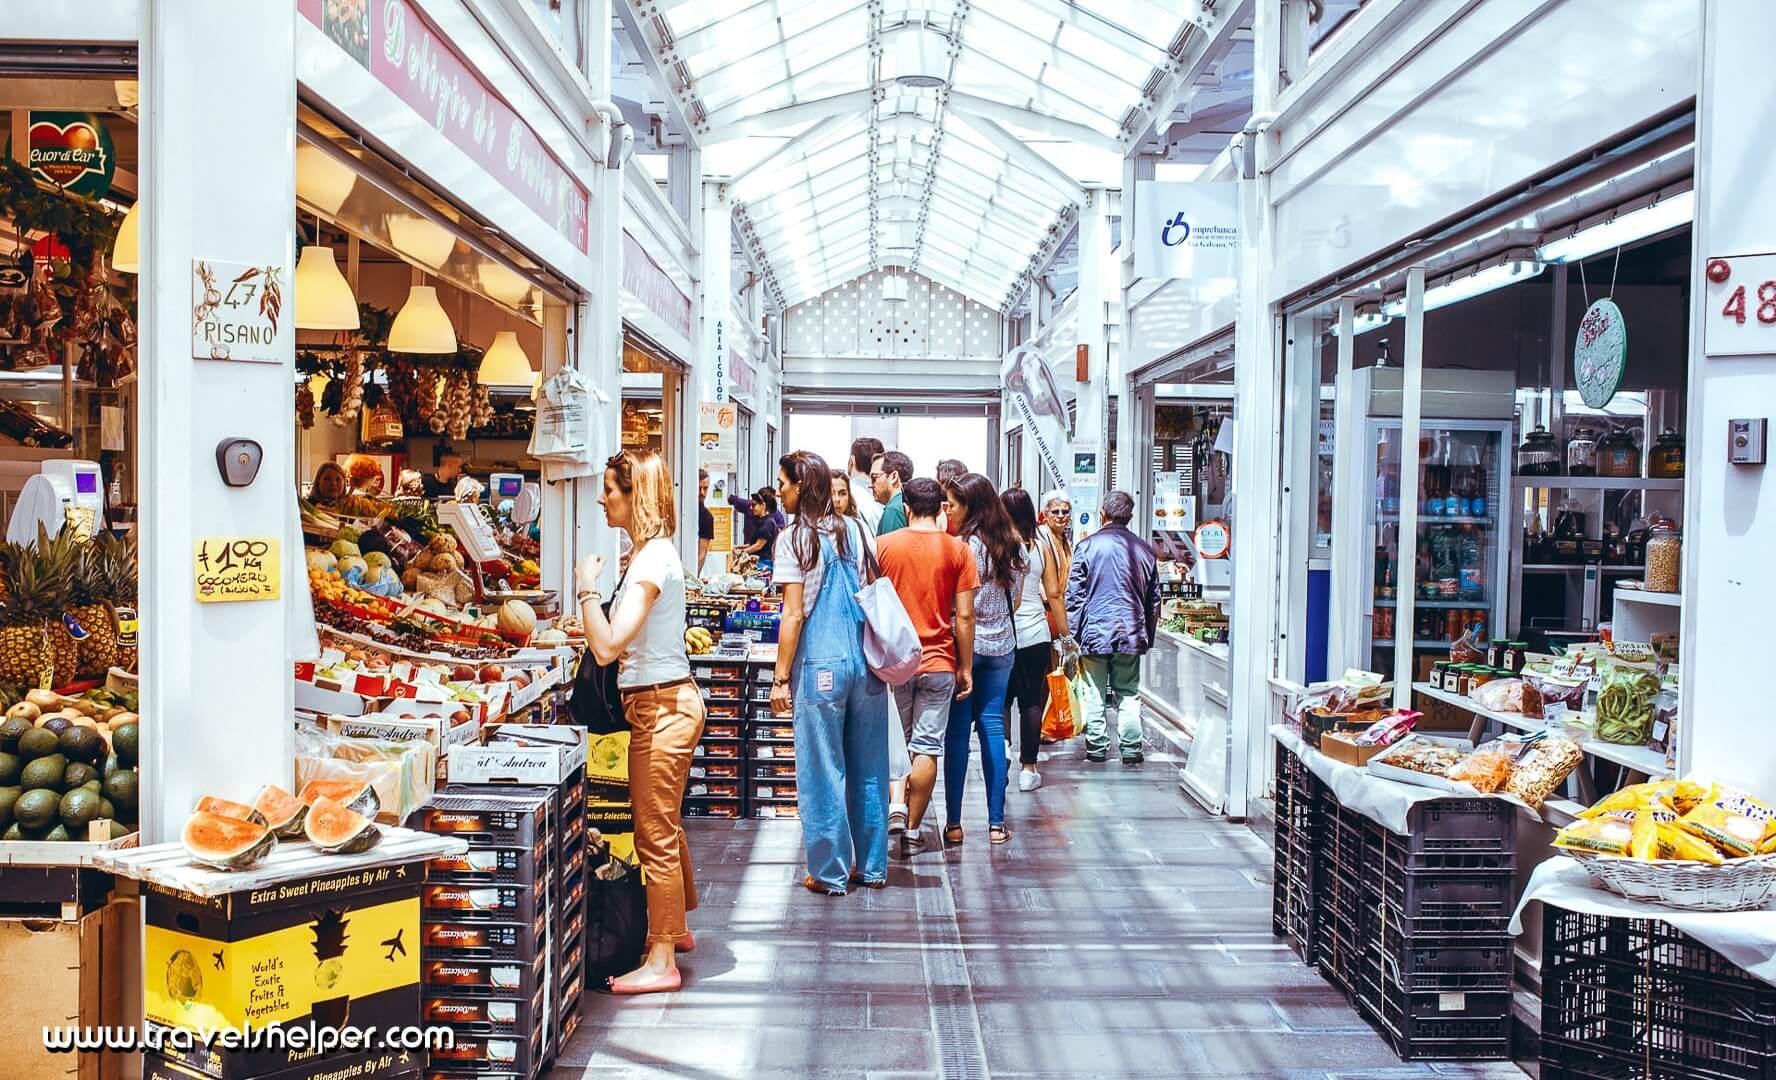 Testacho Market in Rome, Italy